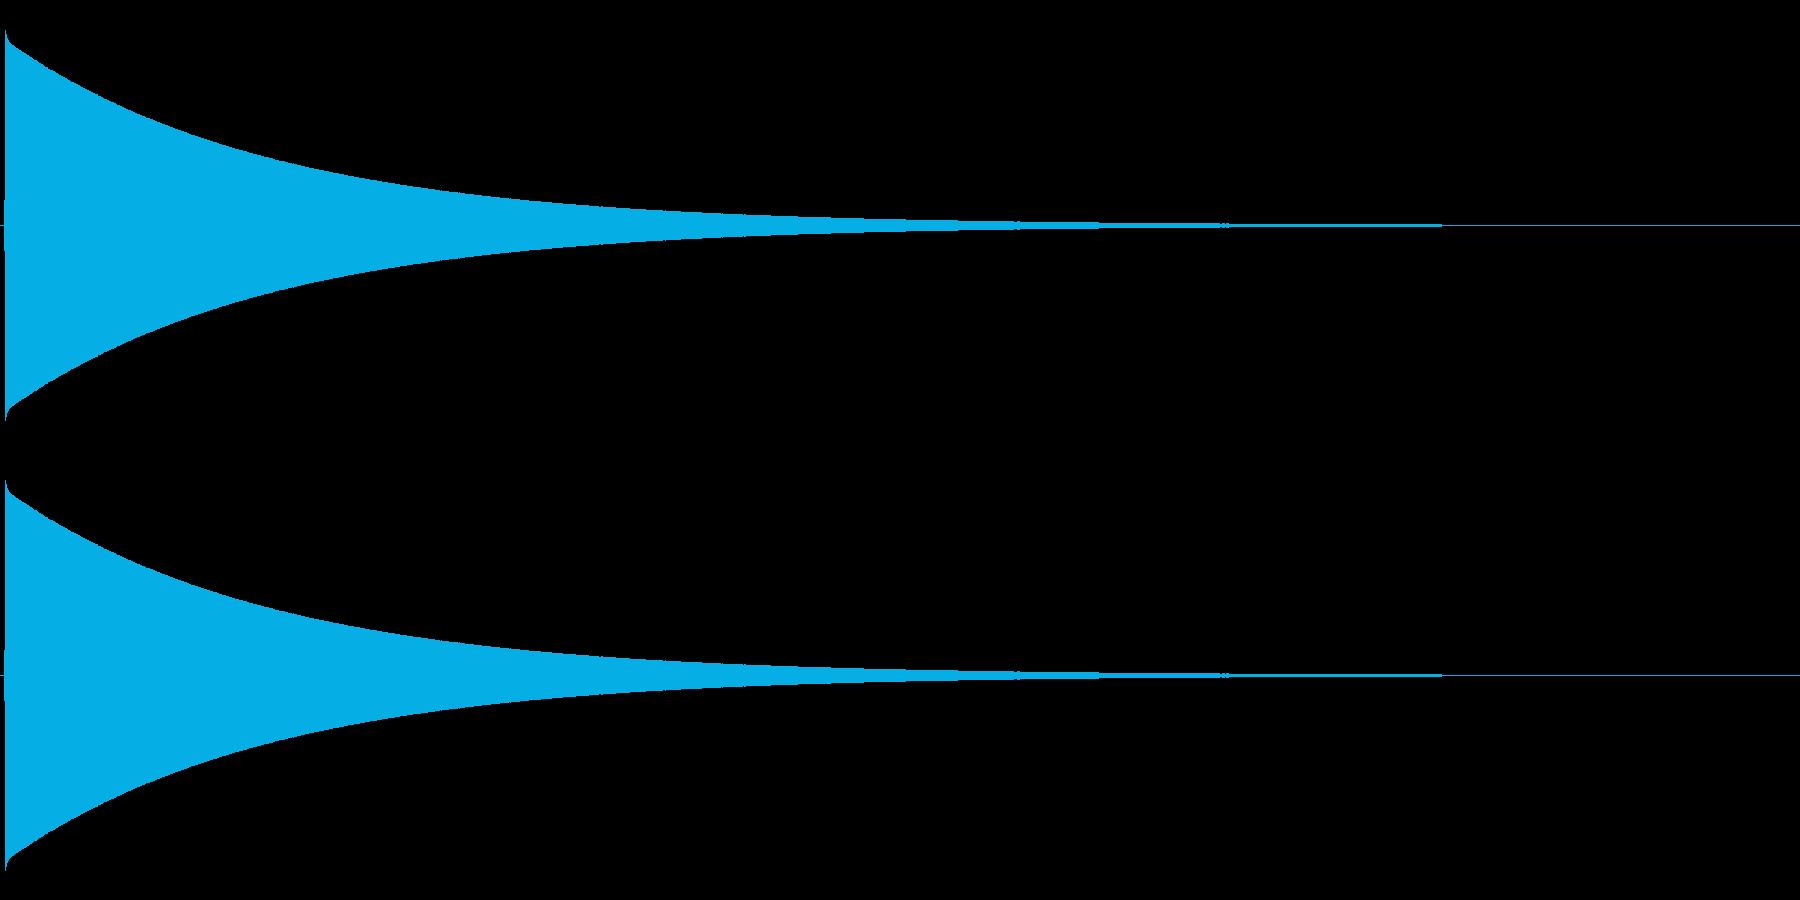 ピューン(落下音、長め)の再生済みの波形